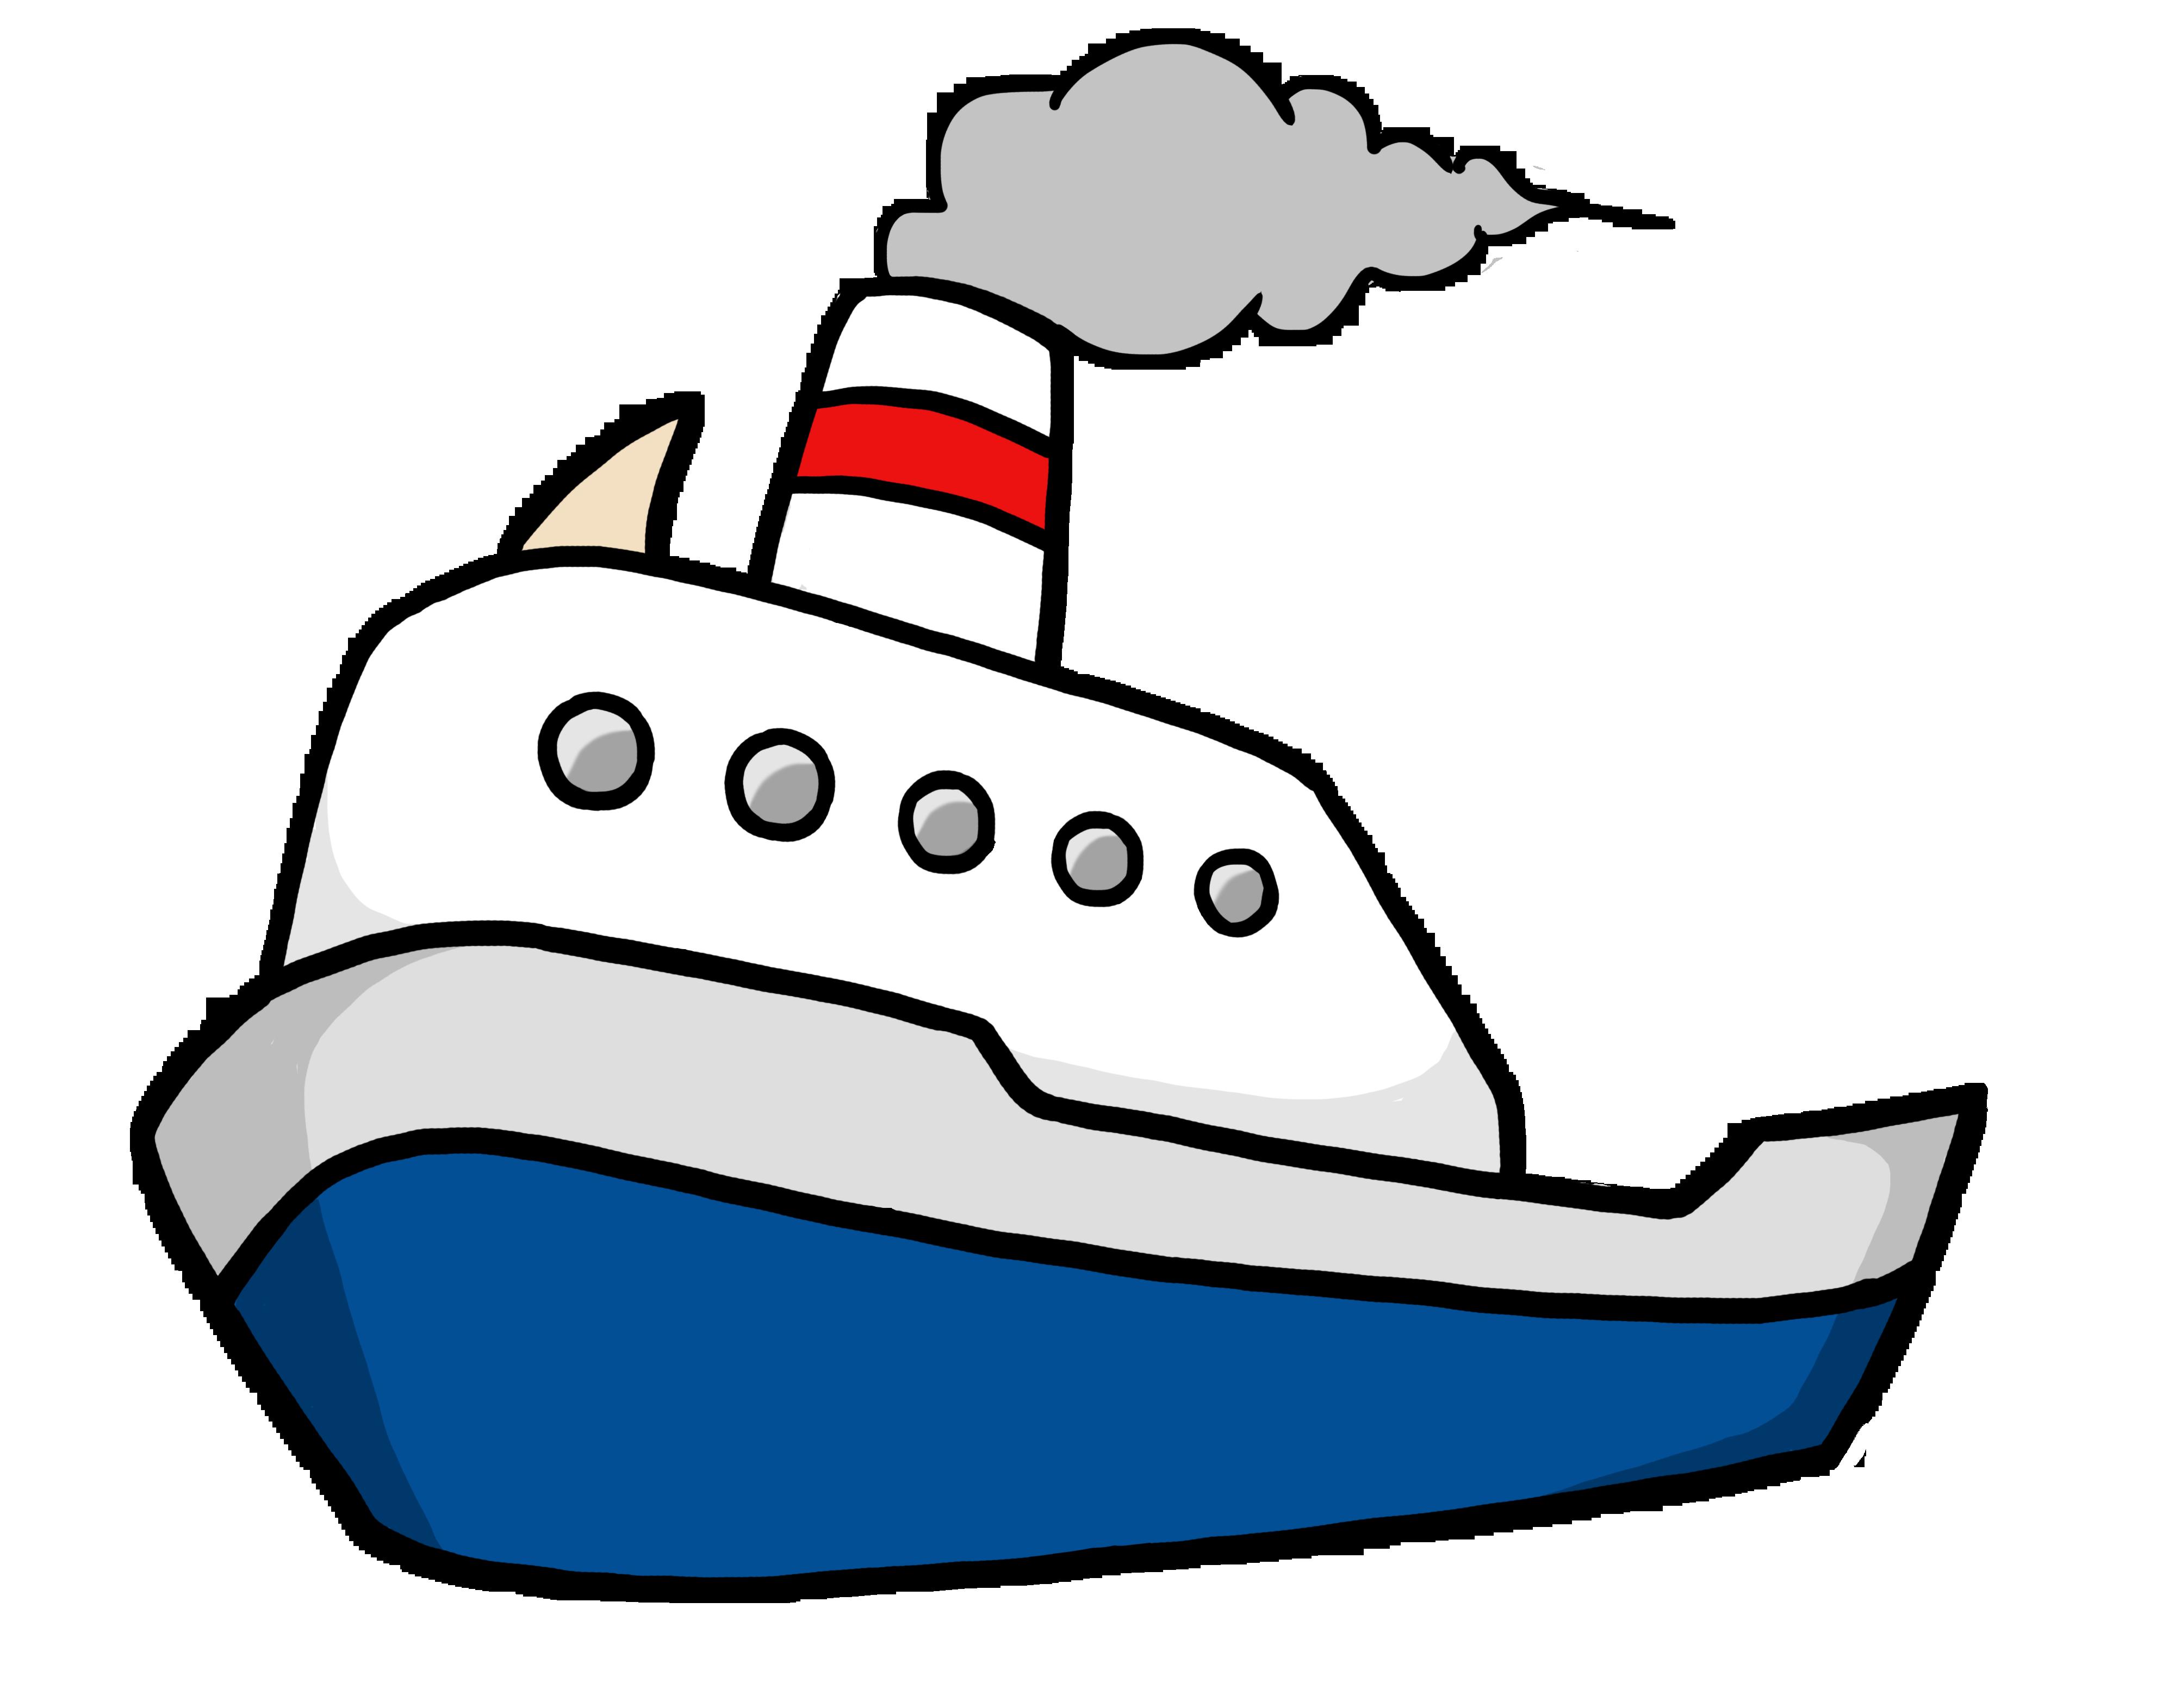 Row Boat Clipart Boat Clip Art Boat cartoon, Free clip